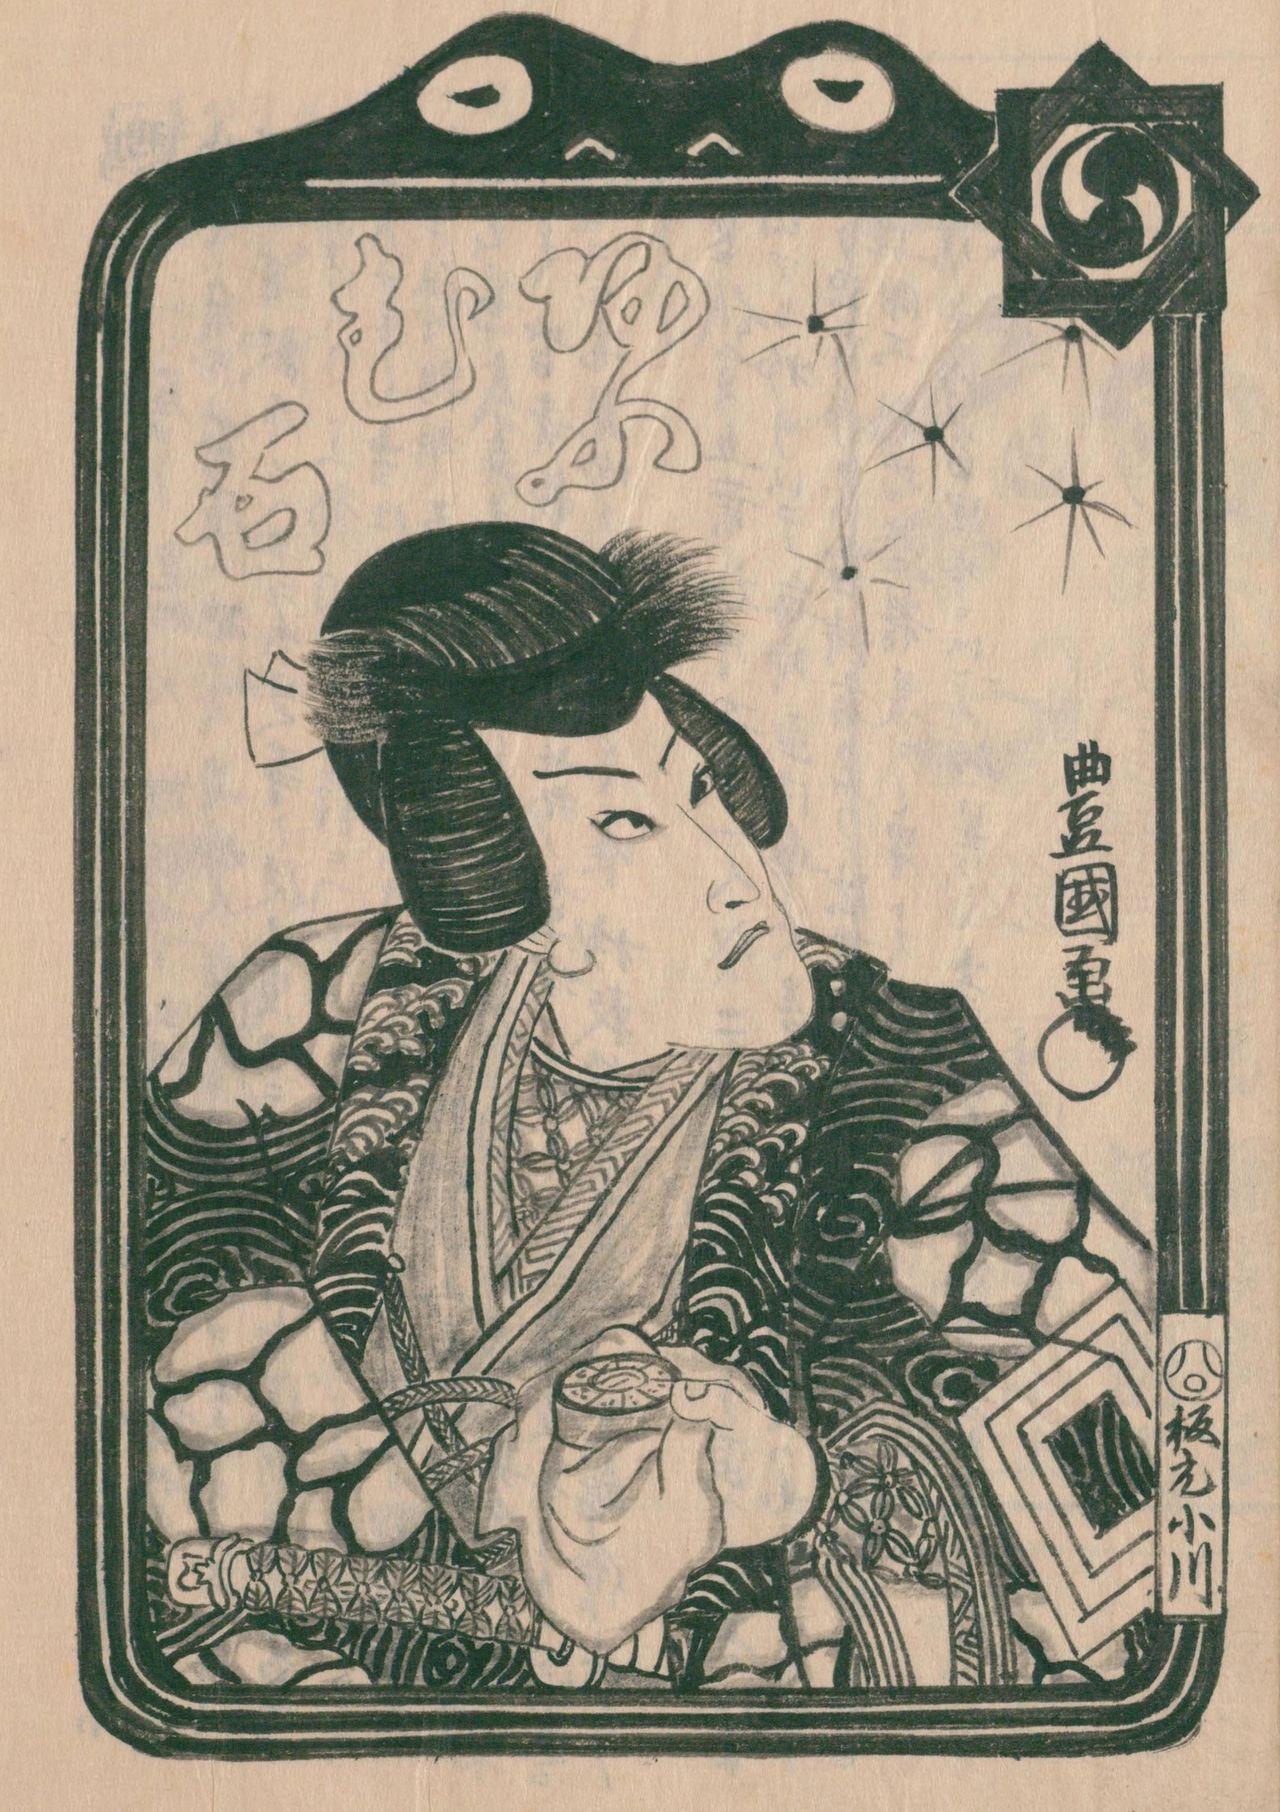 Написанный Морисадой по мотивам гравюры Тоёкуни портрет Дандзюро VIII в роли Дзирайя. По словам Морисады, такие портреты актёров назывались омусэки и продавались в сувенирных магазинах («Морисада манко», Национальная парламентская библиотека)